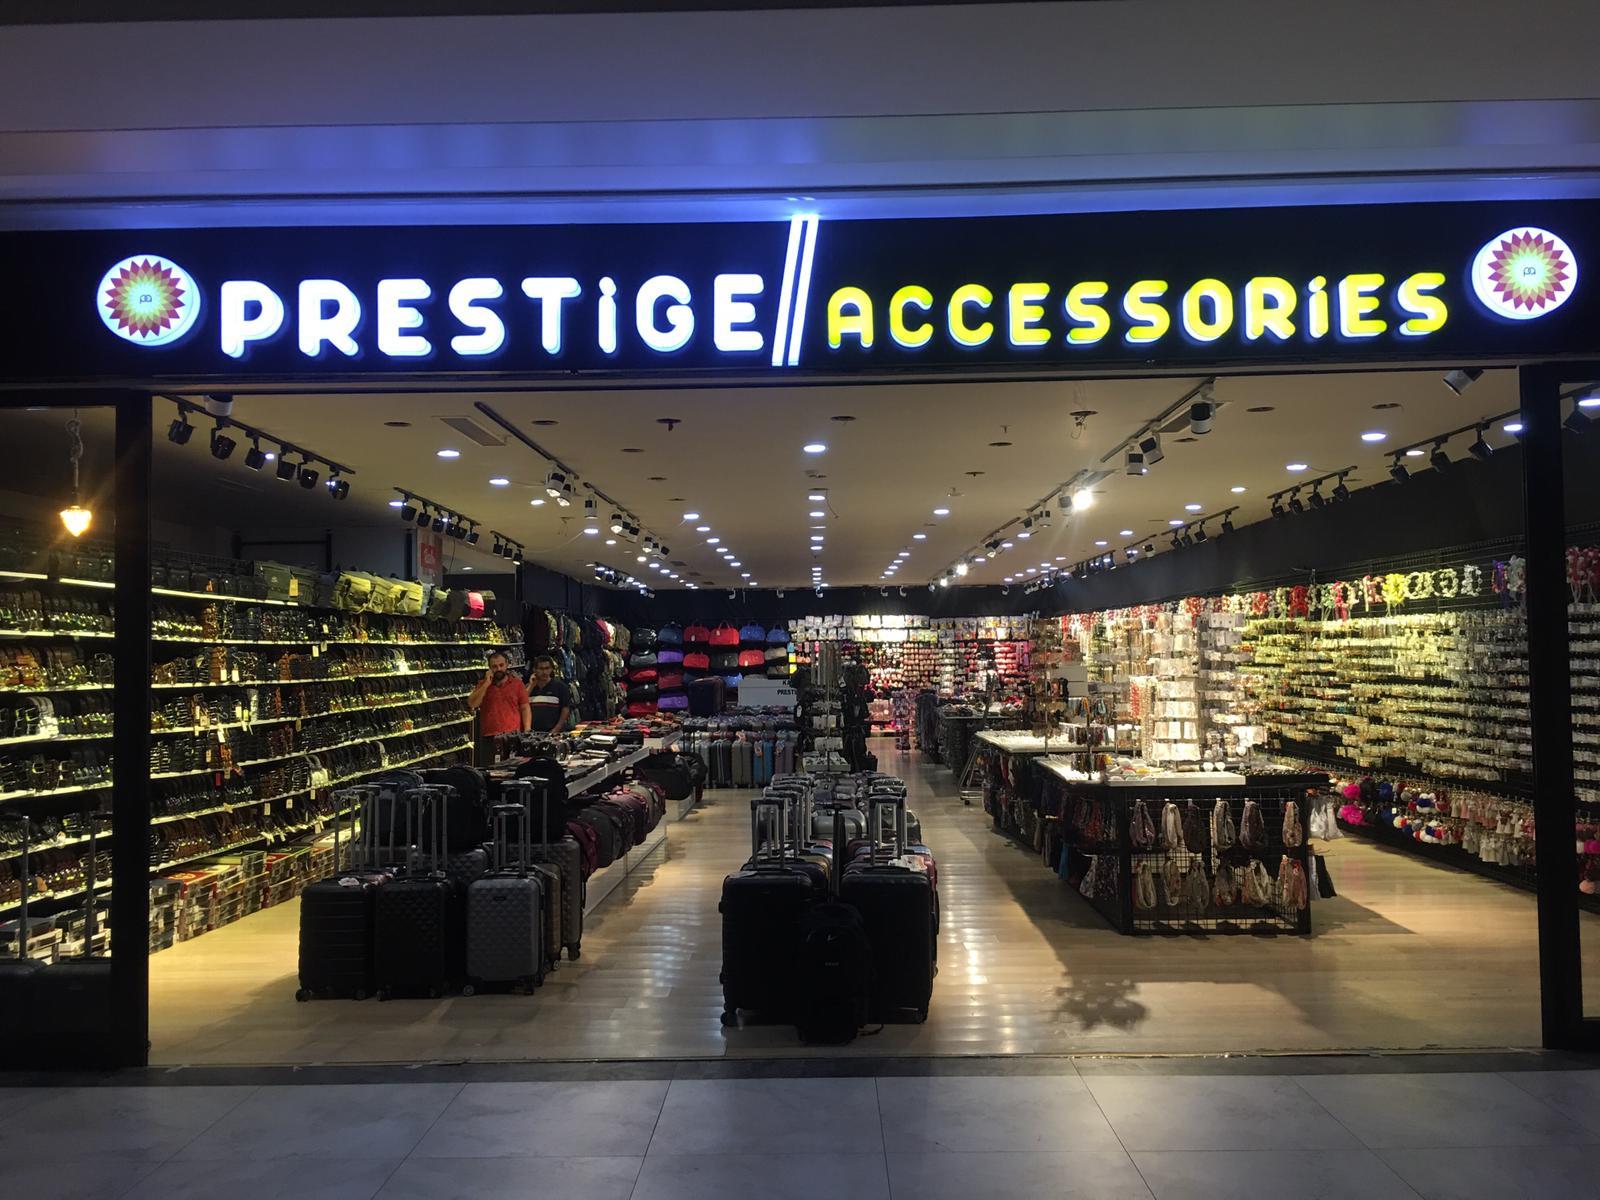 ACity AVM'de Prestige Accessorie'nin Mekanik Tesisat Projesi Tamamlandı